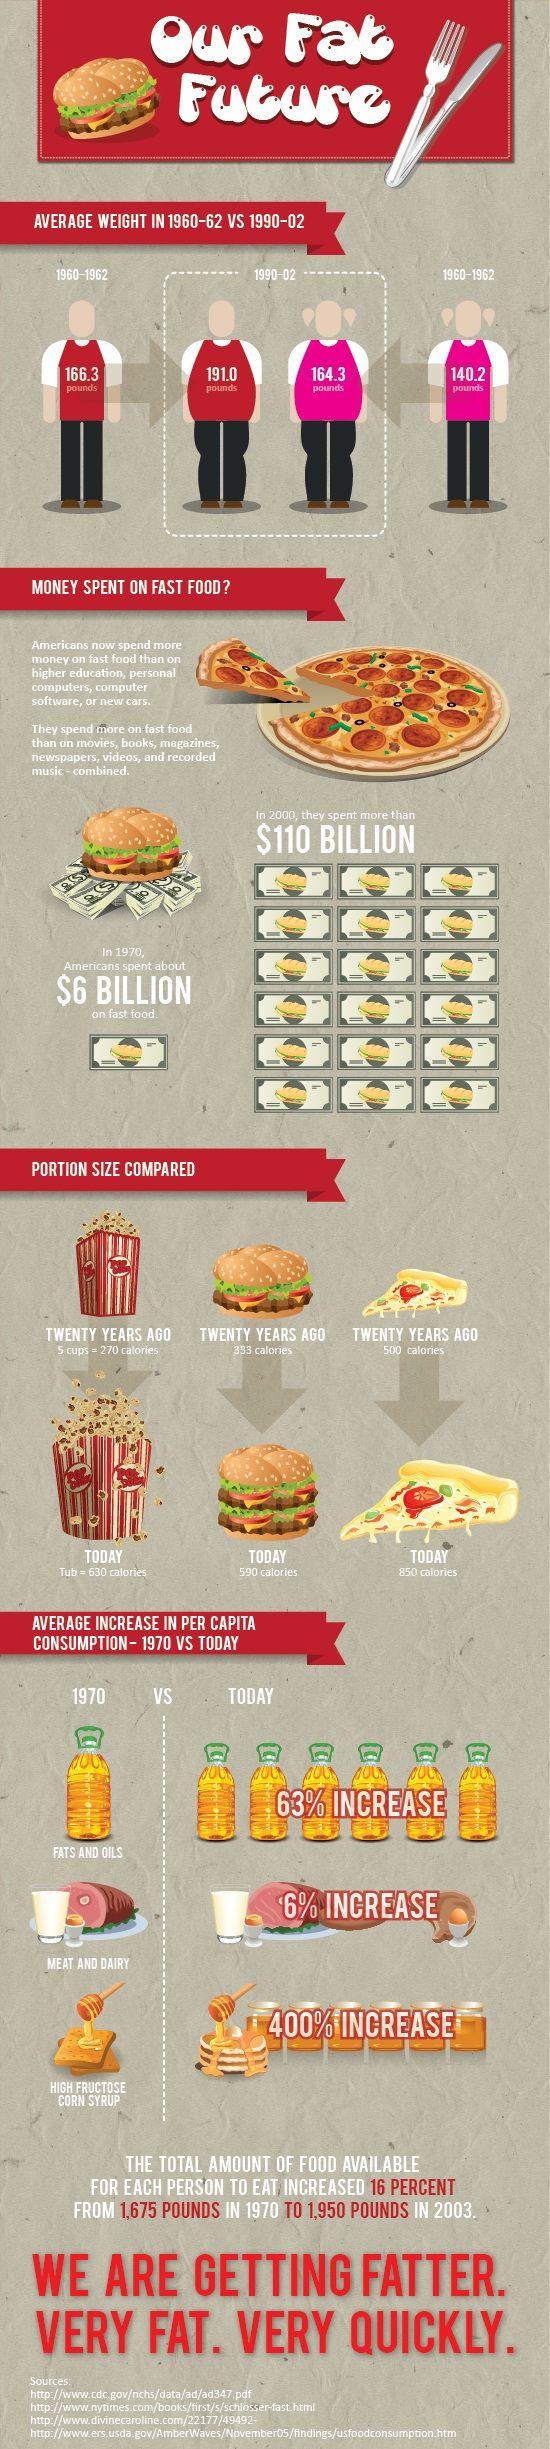 die besten 10 fastfood fakten ideen auf pinterest fast food fast food liste und fast food men. Black Bedroom Furniture Sets. Home Design Ideas